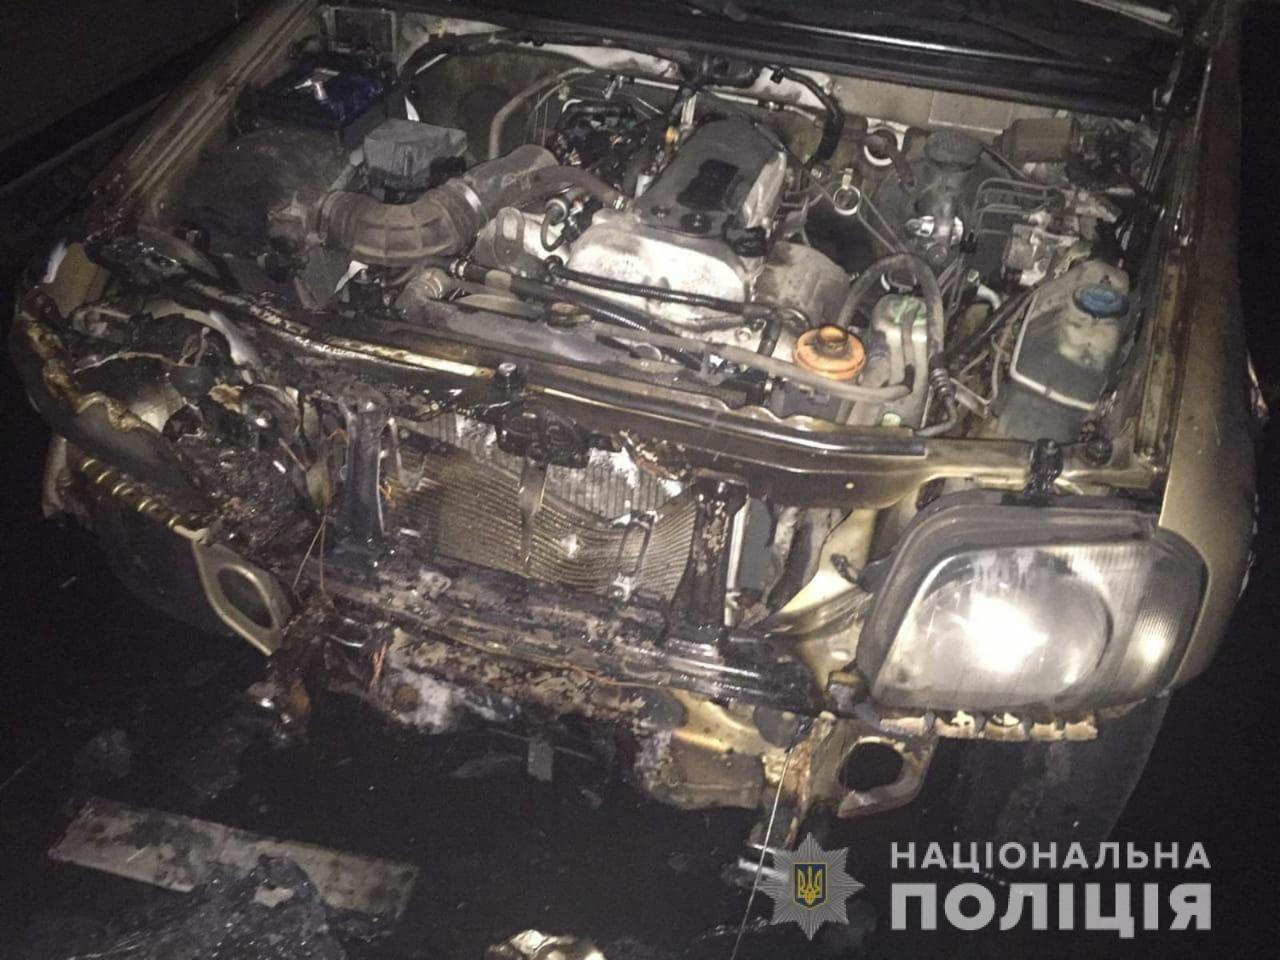 В Харькове задержали мужчину, который ночью поджег внедорожник, - ФОТО, фото-1